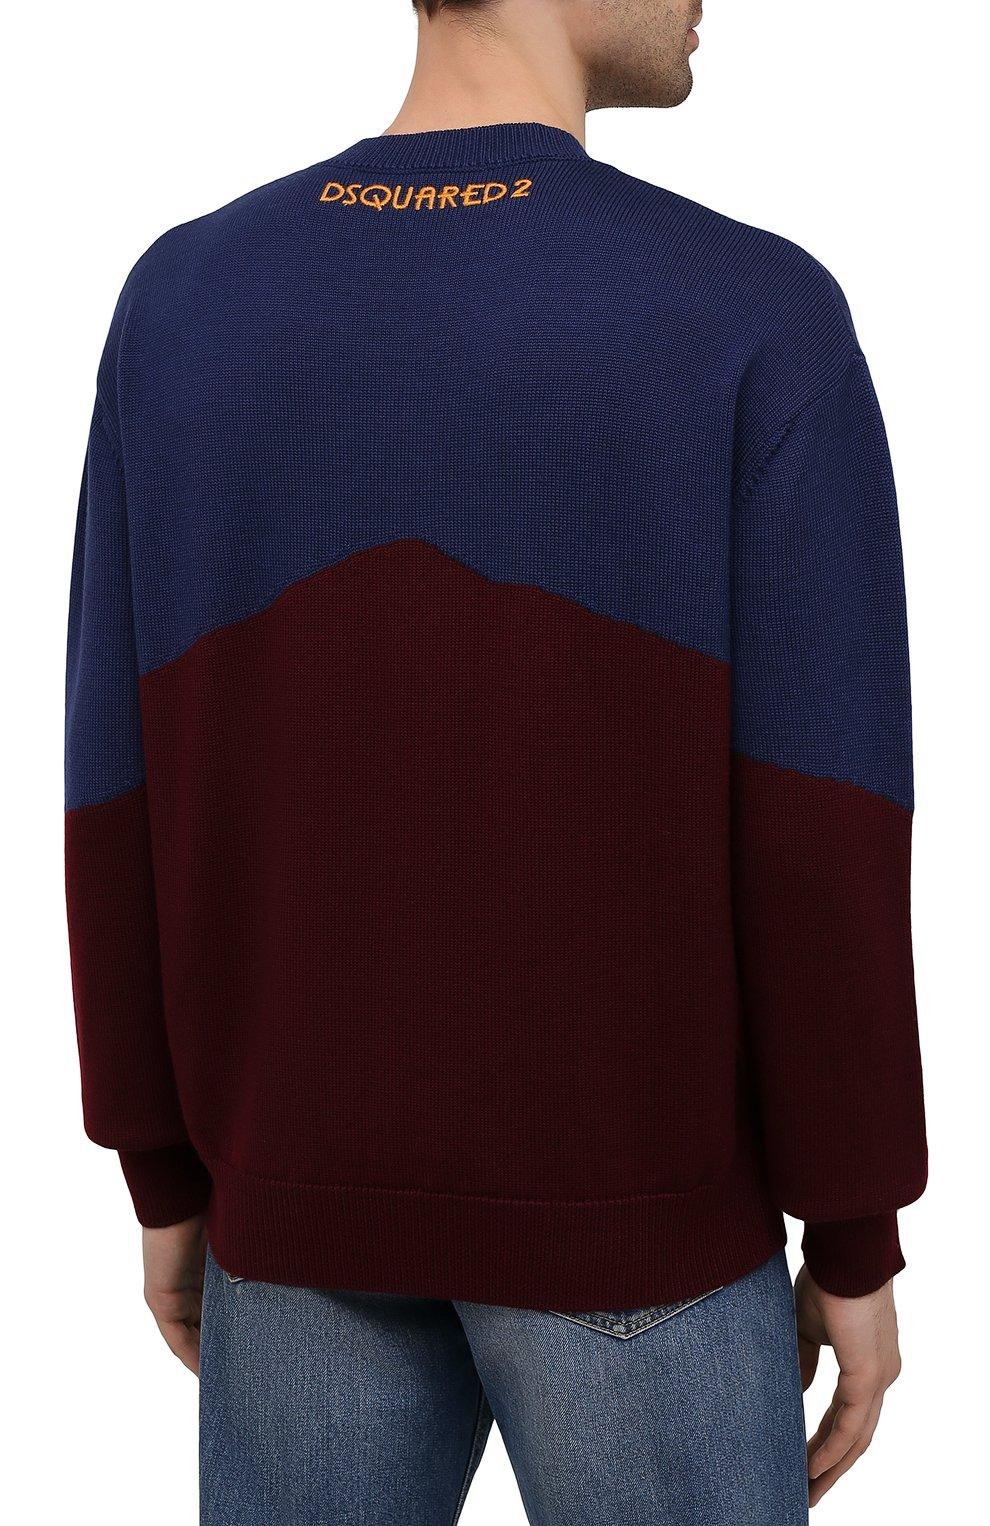 Мужской свитер из шерсти и кашемира DSQUARED2 разноцветного цвета, арт. S74HA1194/S17777 | Фото 4 (Материал внешний: Шерсть; Рукава: Длинные; Длина (для топов): Стандартные)